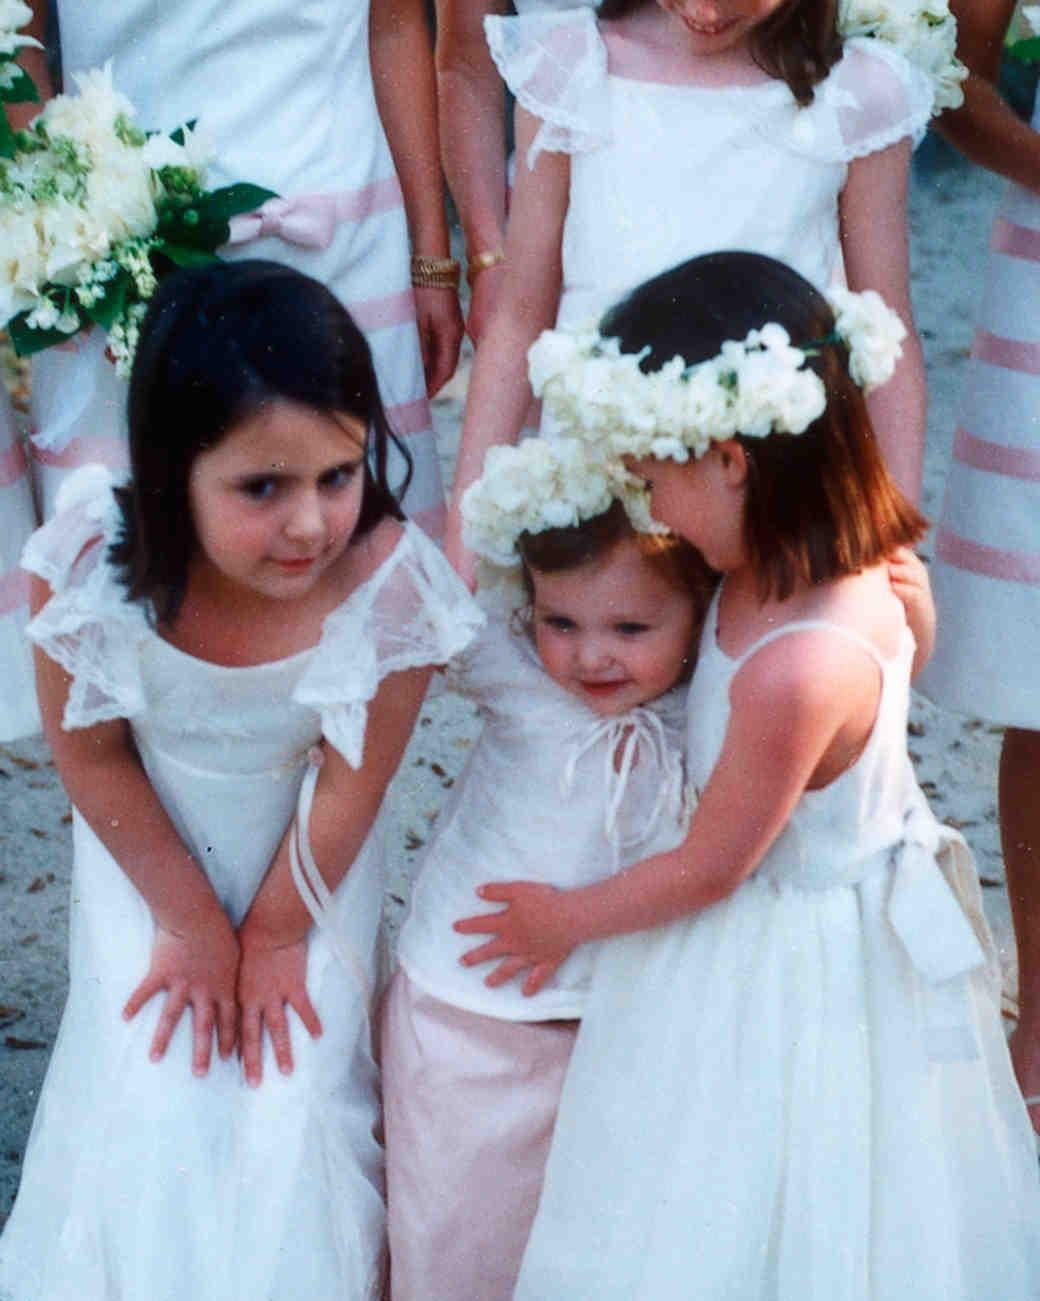 john-dolan-wedding-photographer-little-girls-0914.jpg